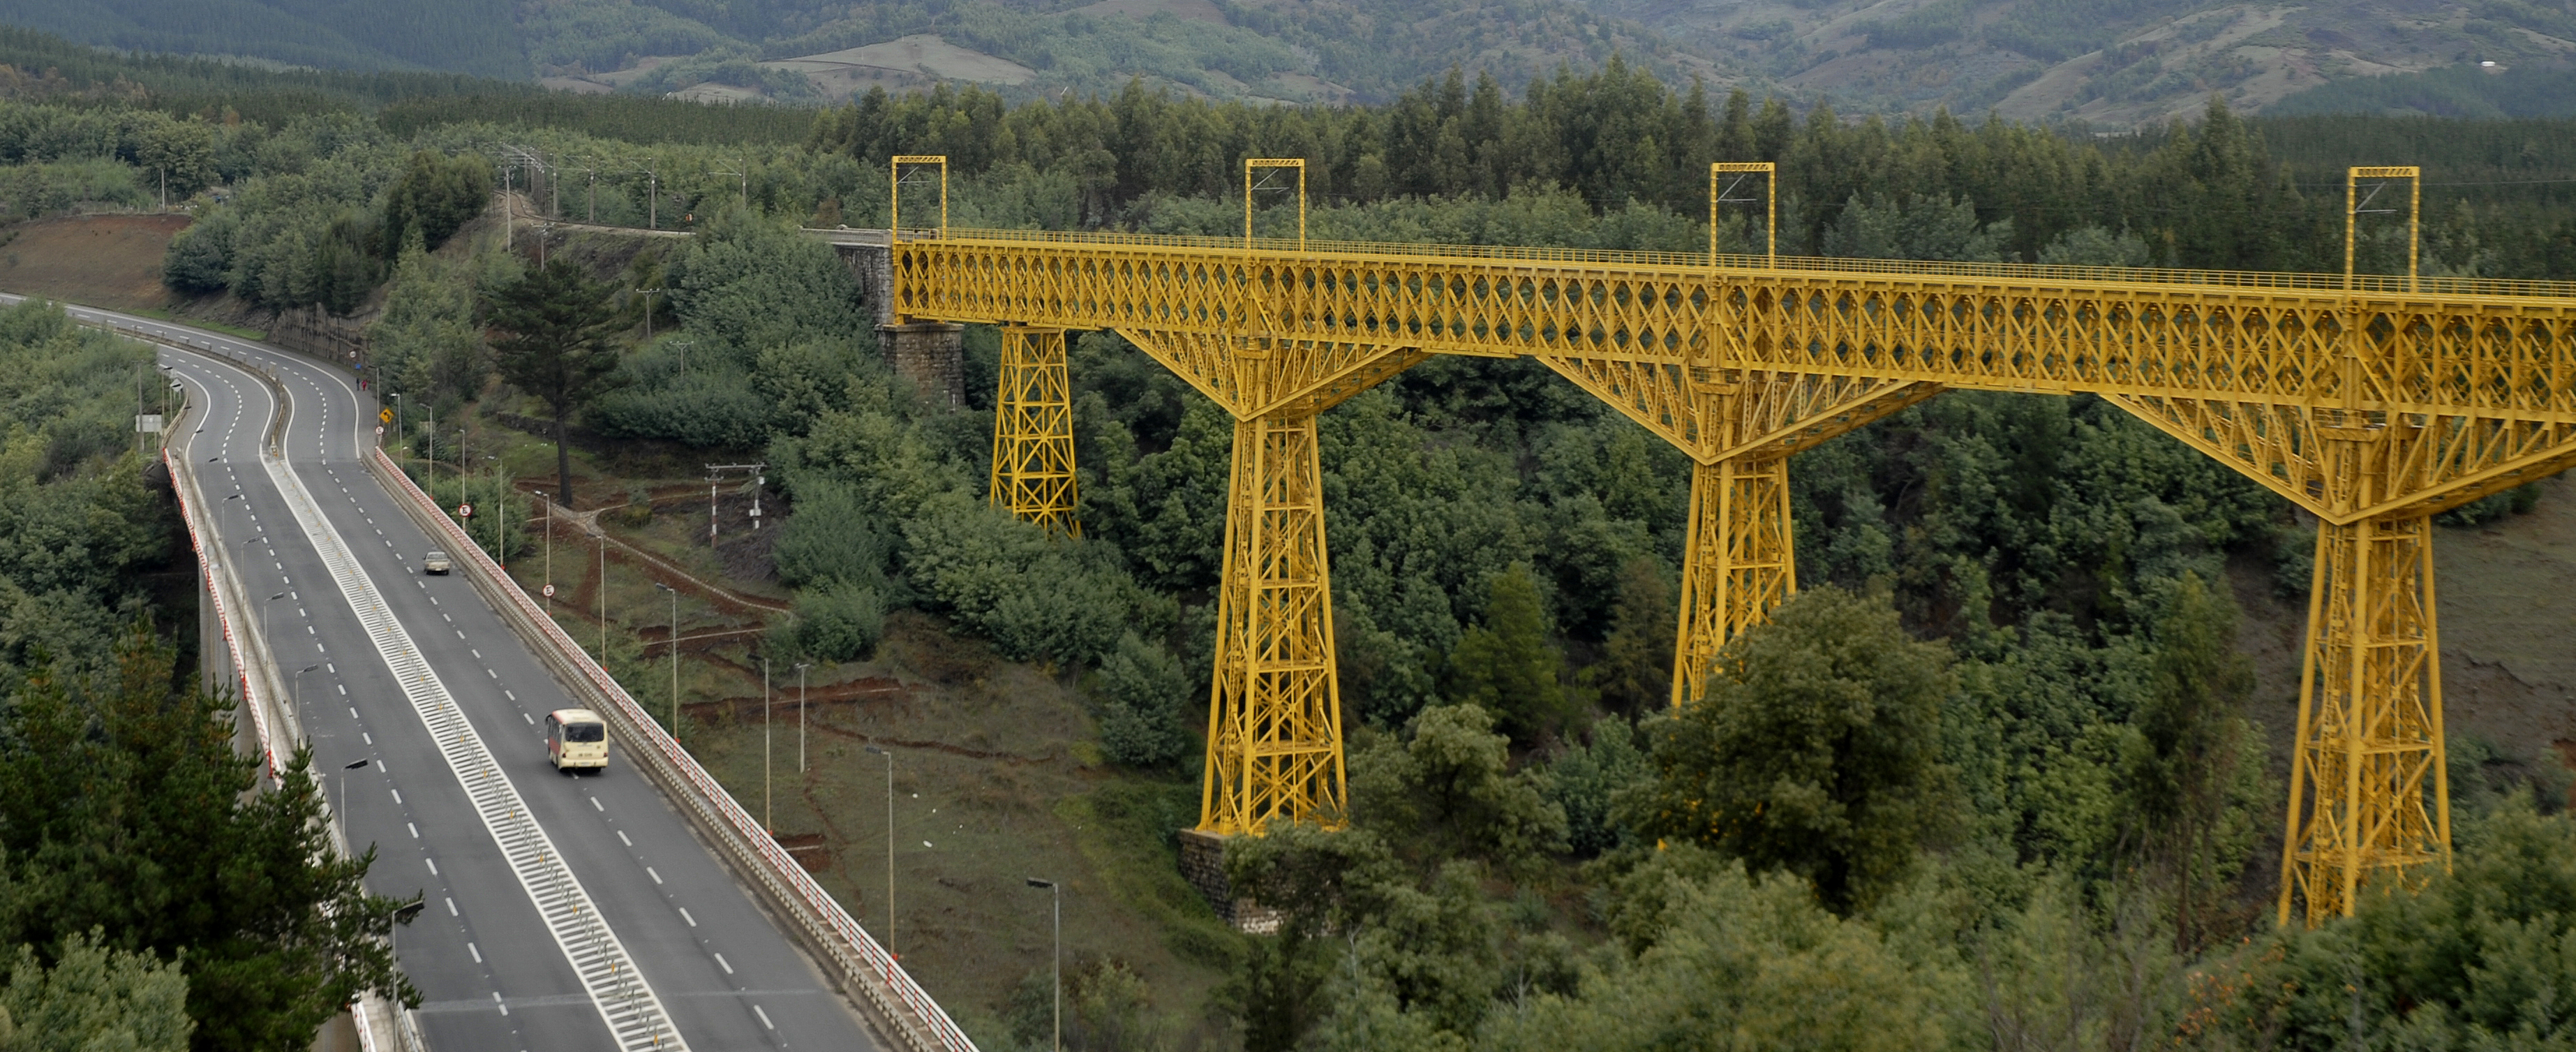 El Viaducto de Malleco es frecuentemente adjudicado a Eiffel como uno de sus diseñadores. Crédito: Gobierno